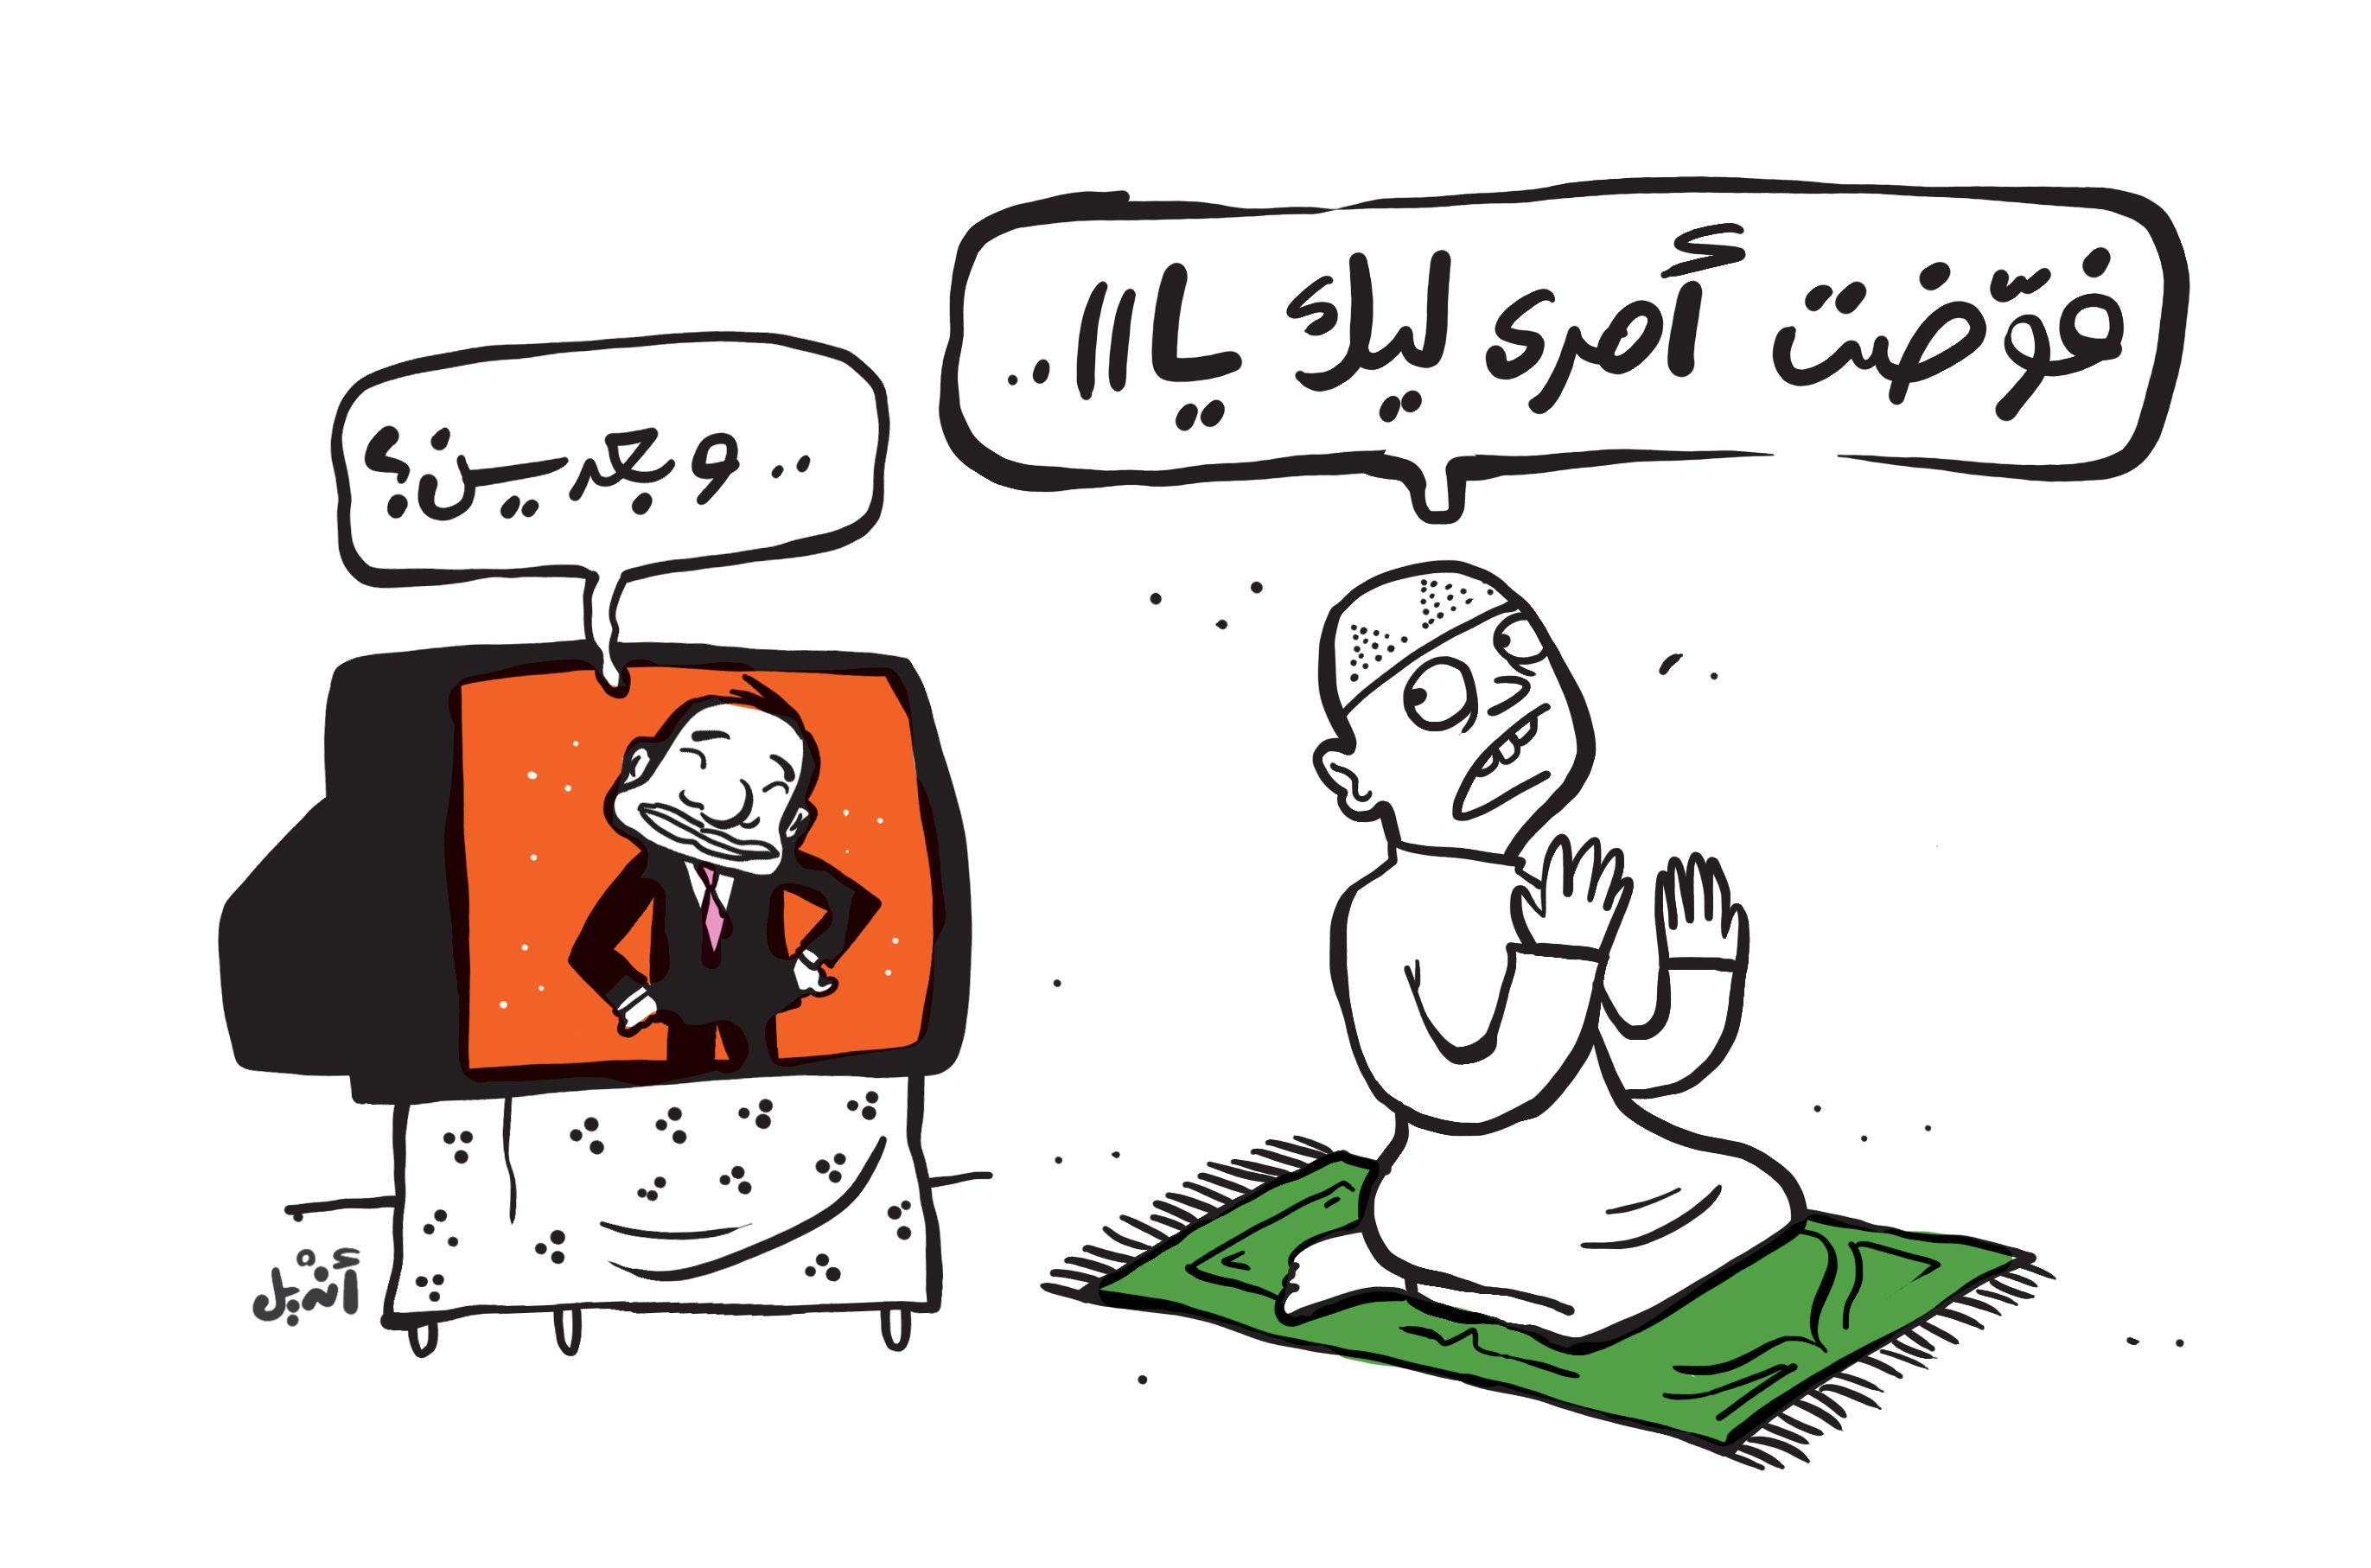 Cartoon: Who do you mandate?